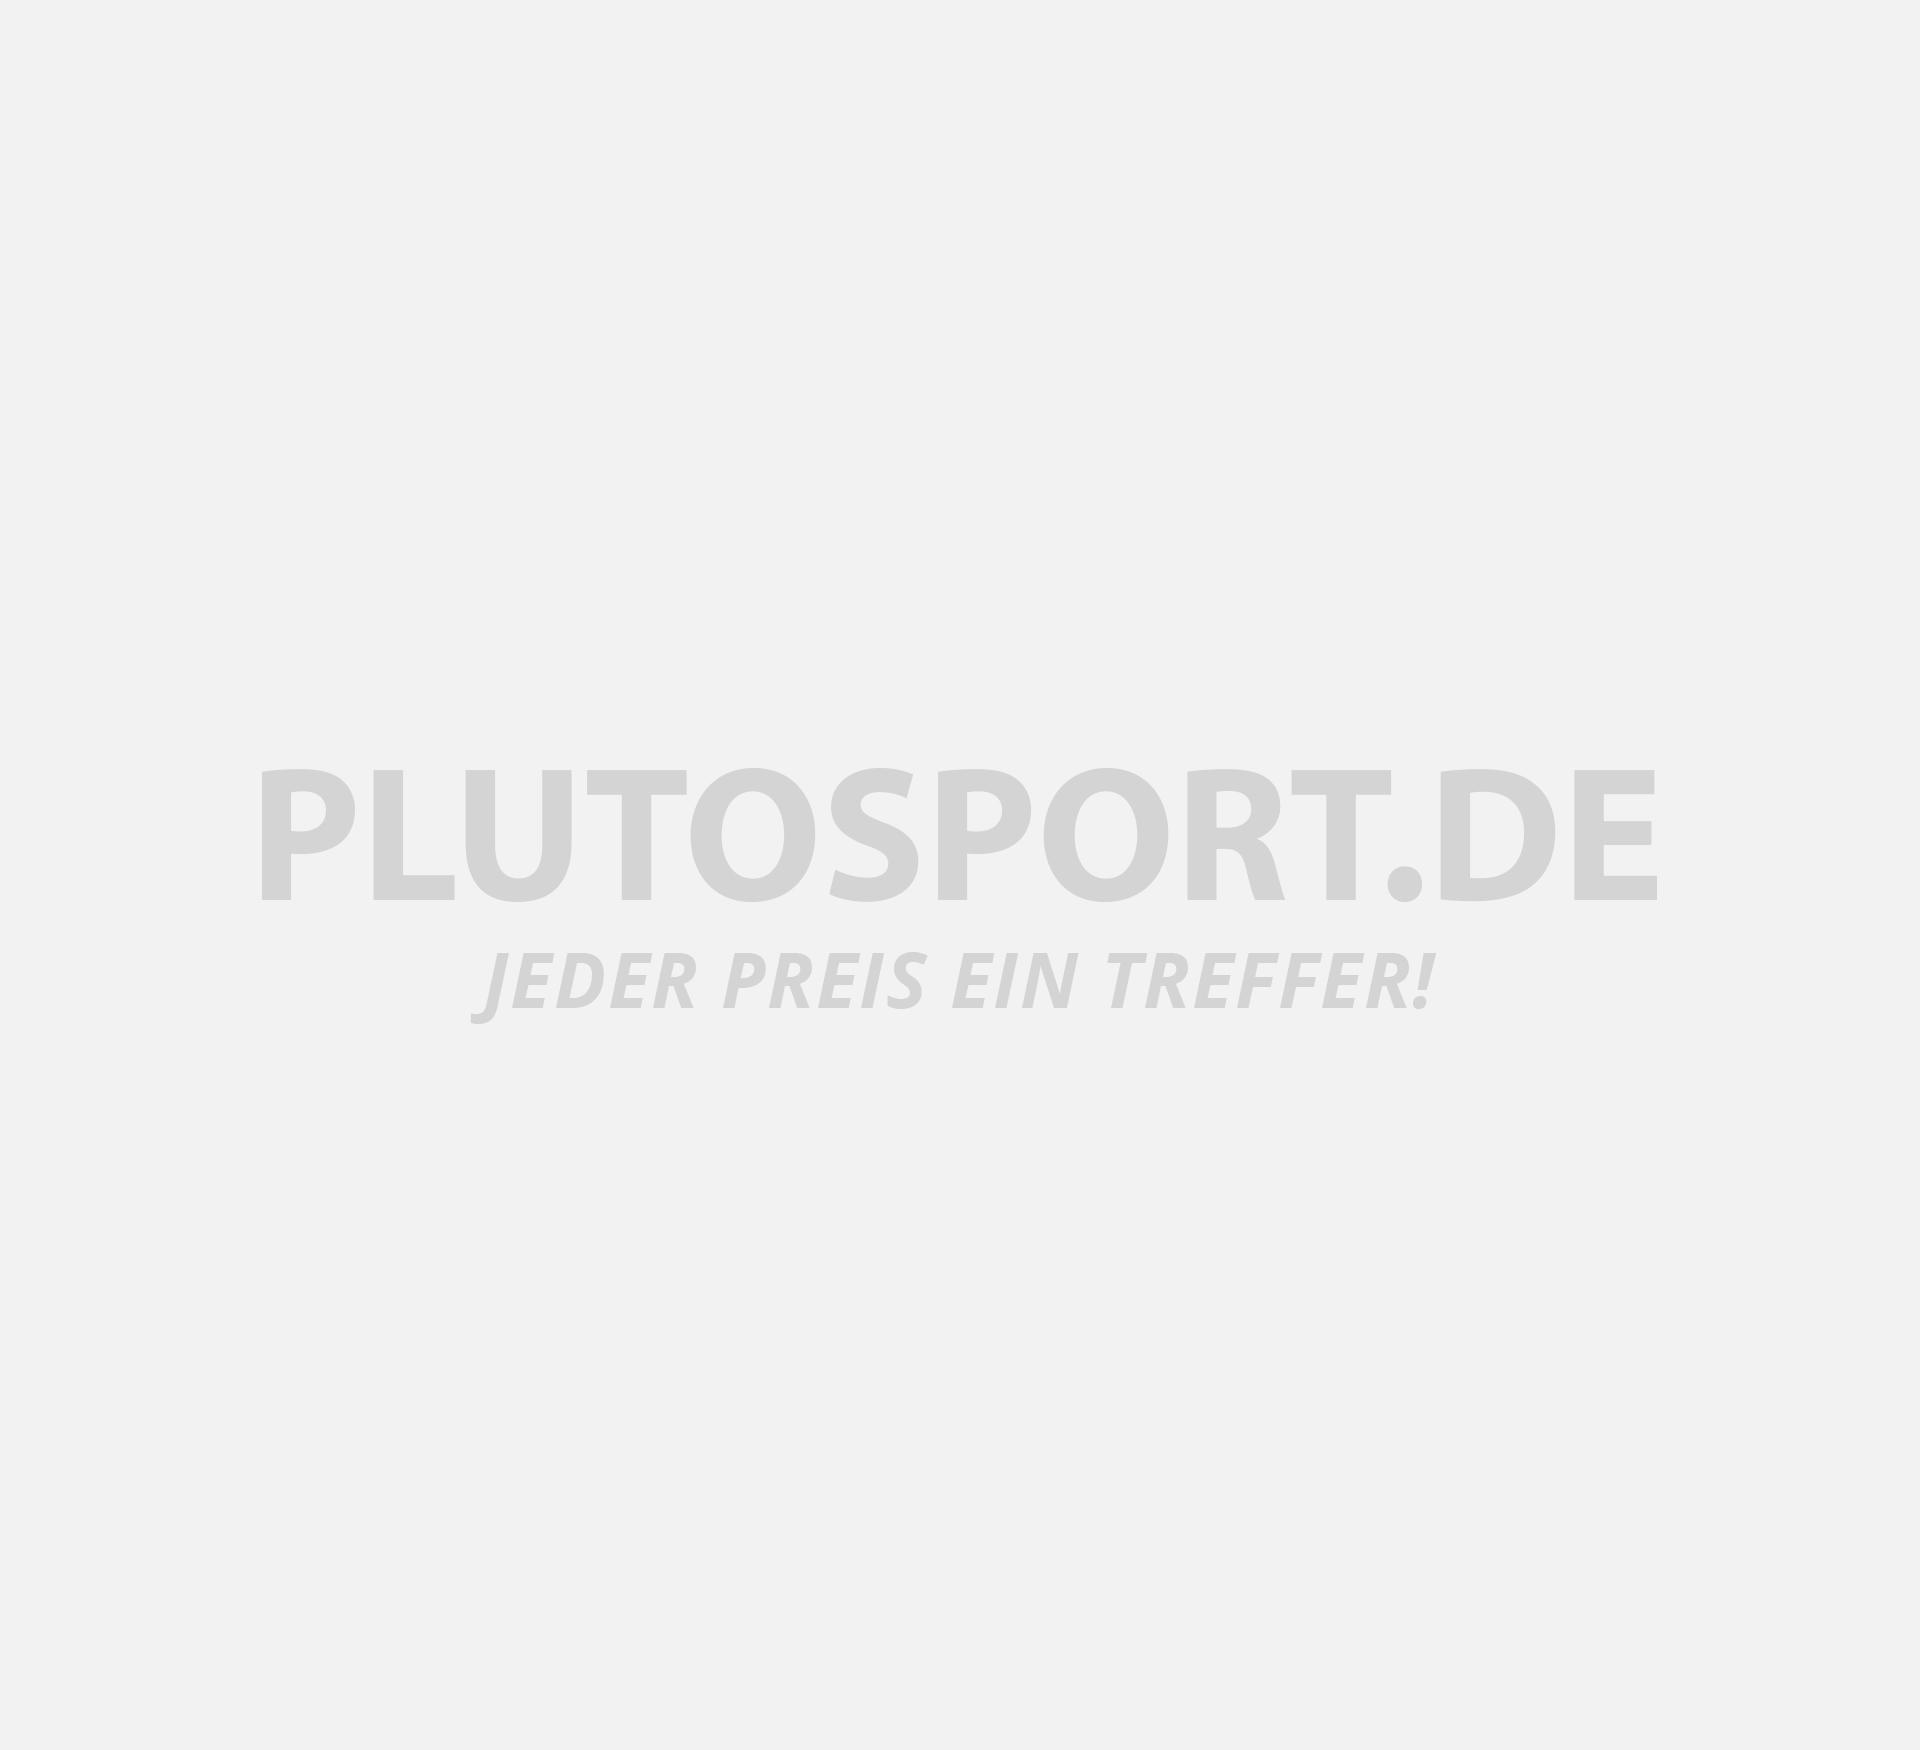 Adidas Schienbeinschoner Economy